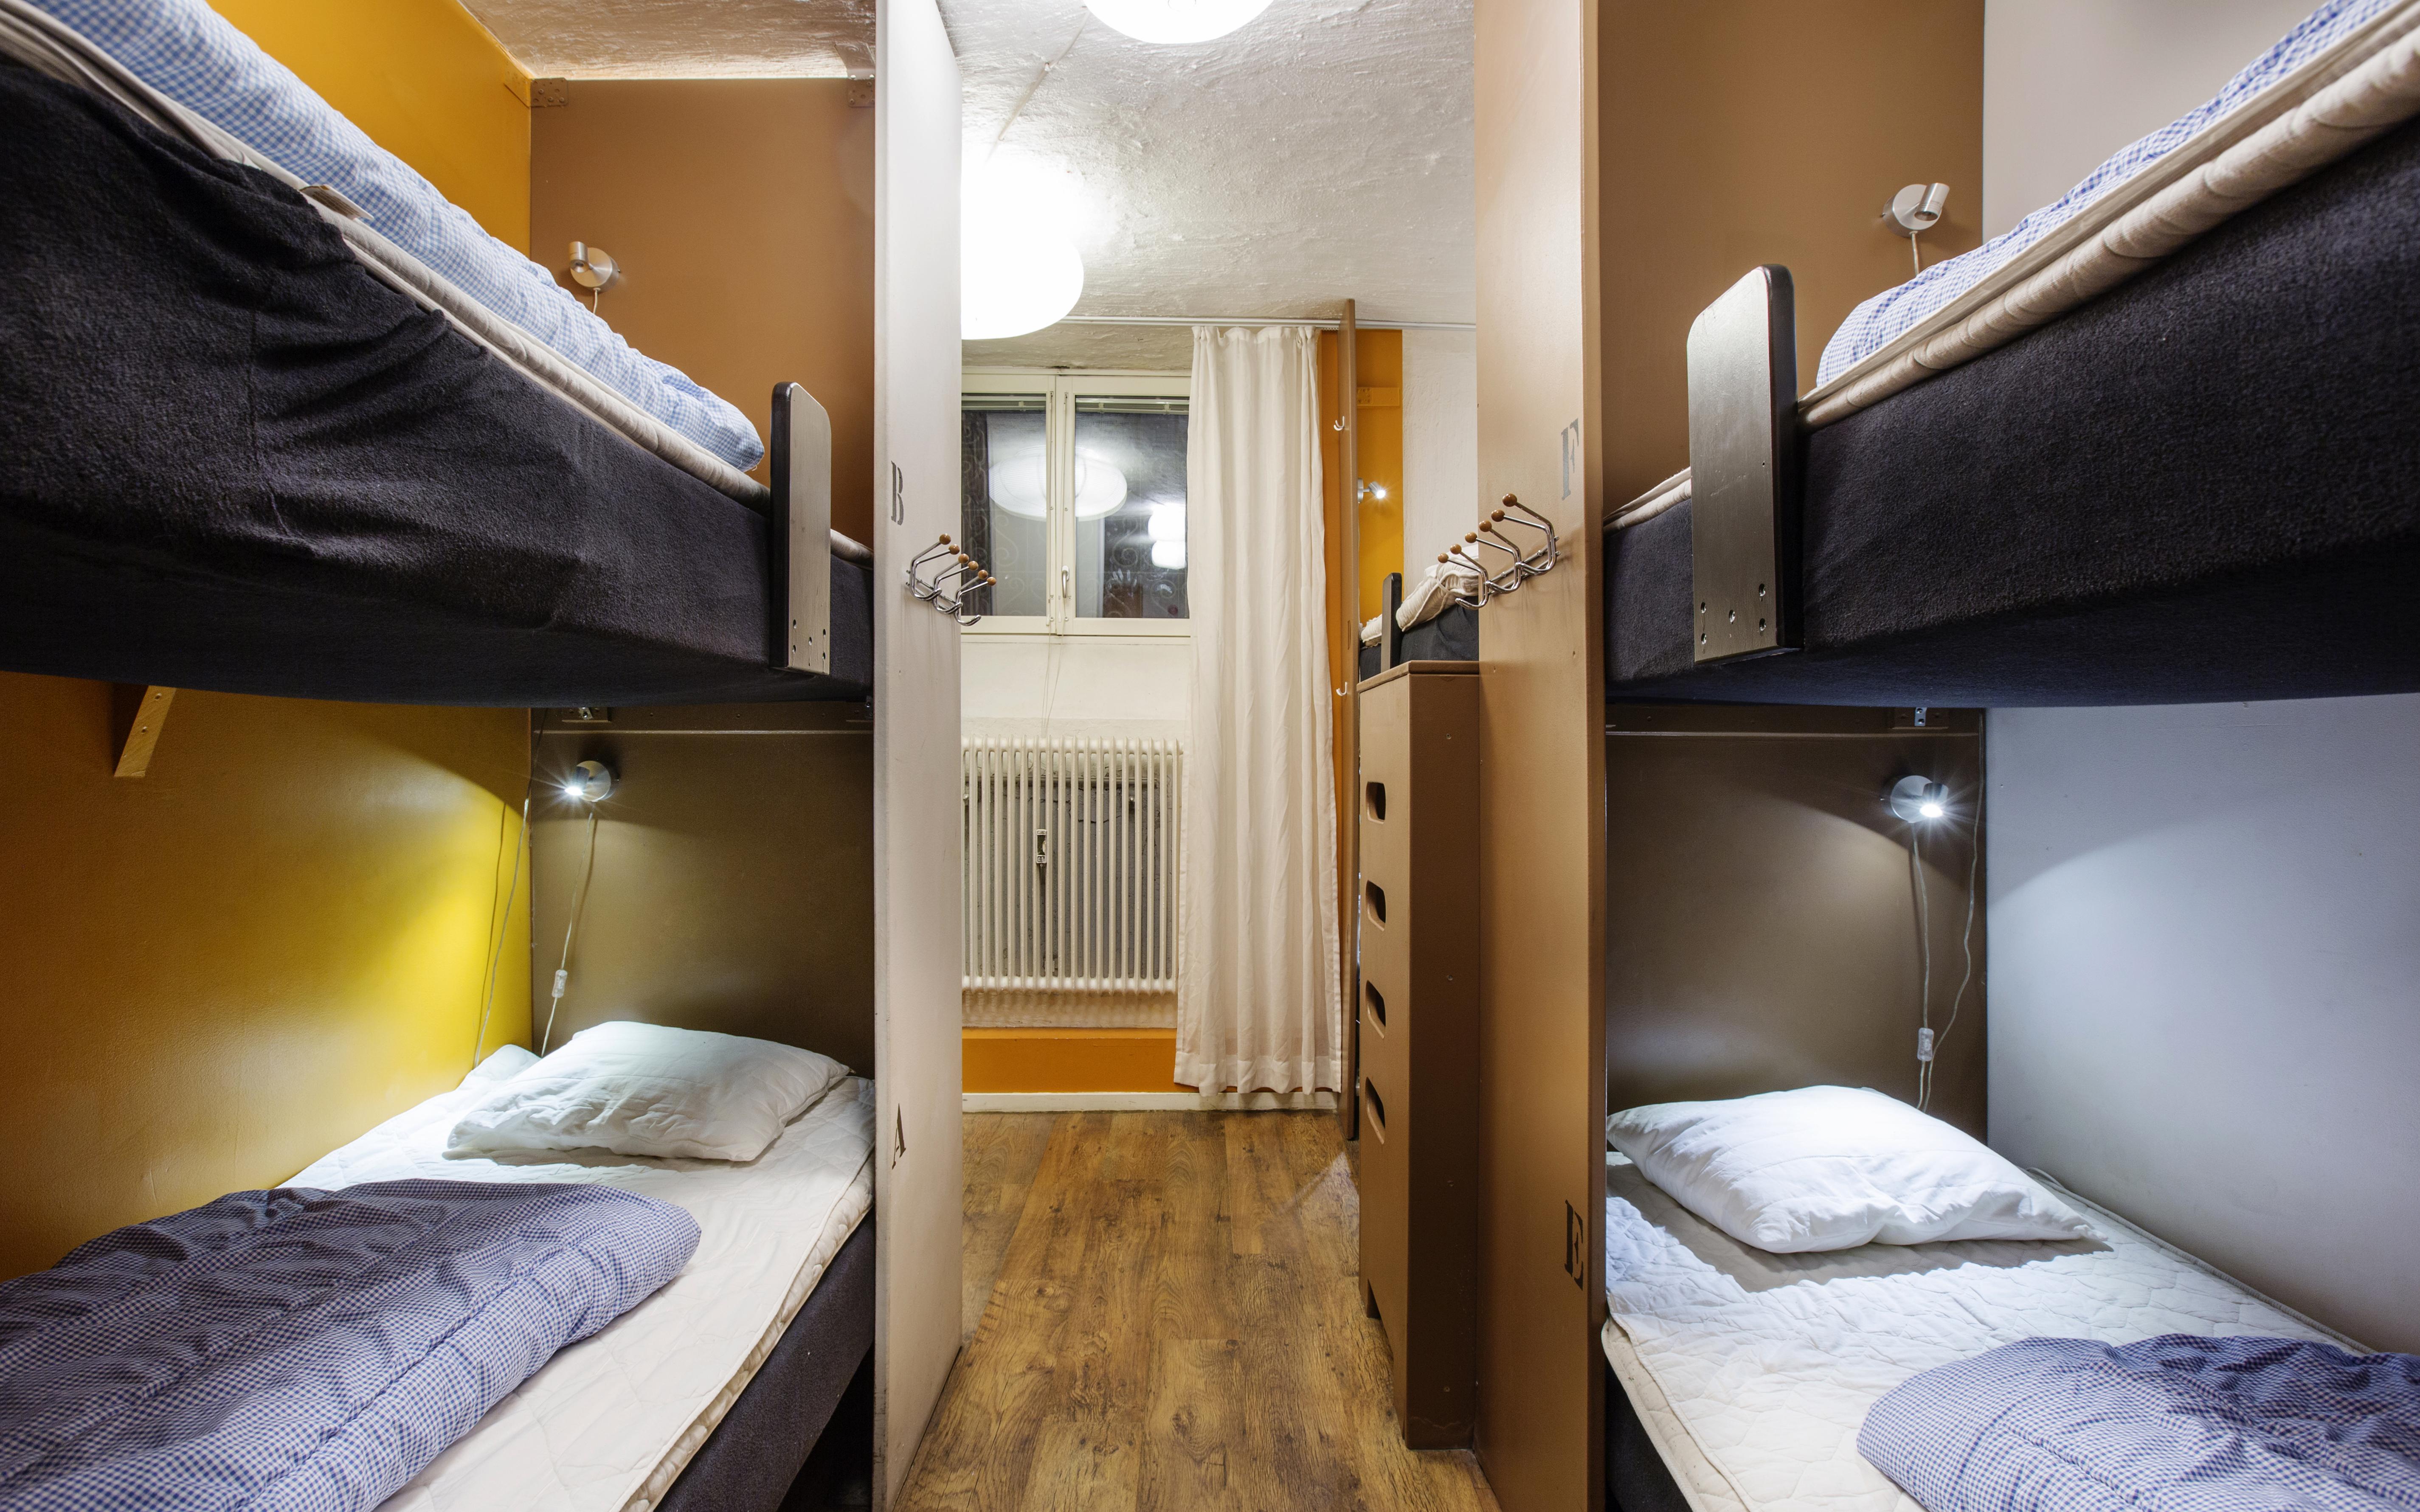 HOSTEL - Skanstulls Hostel